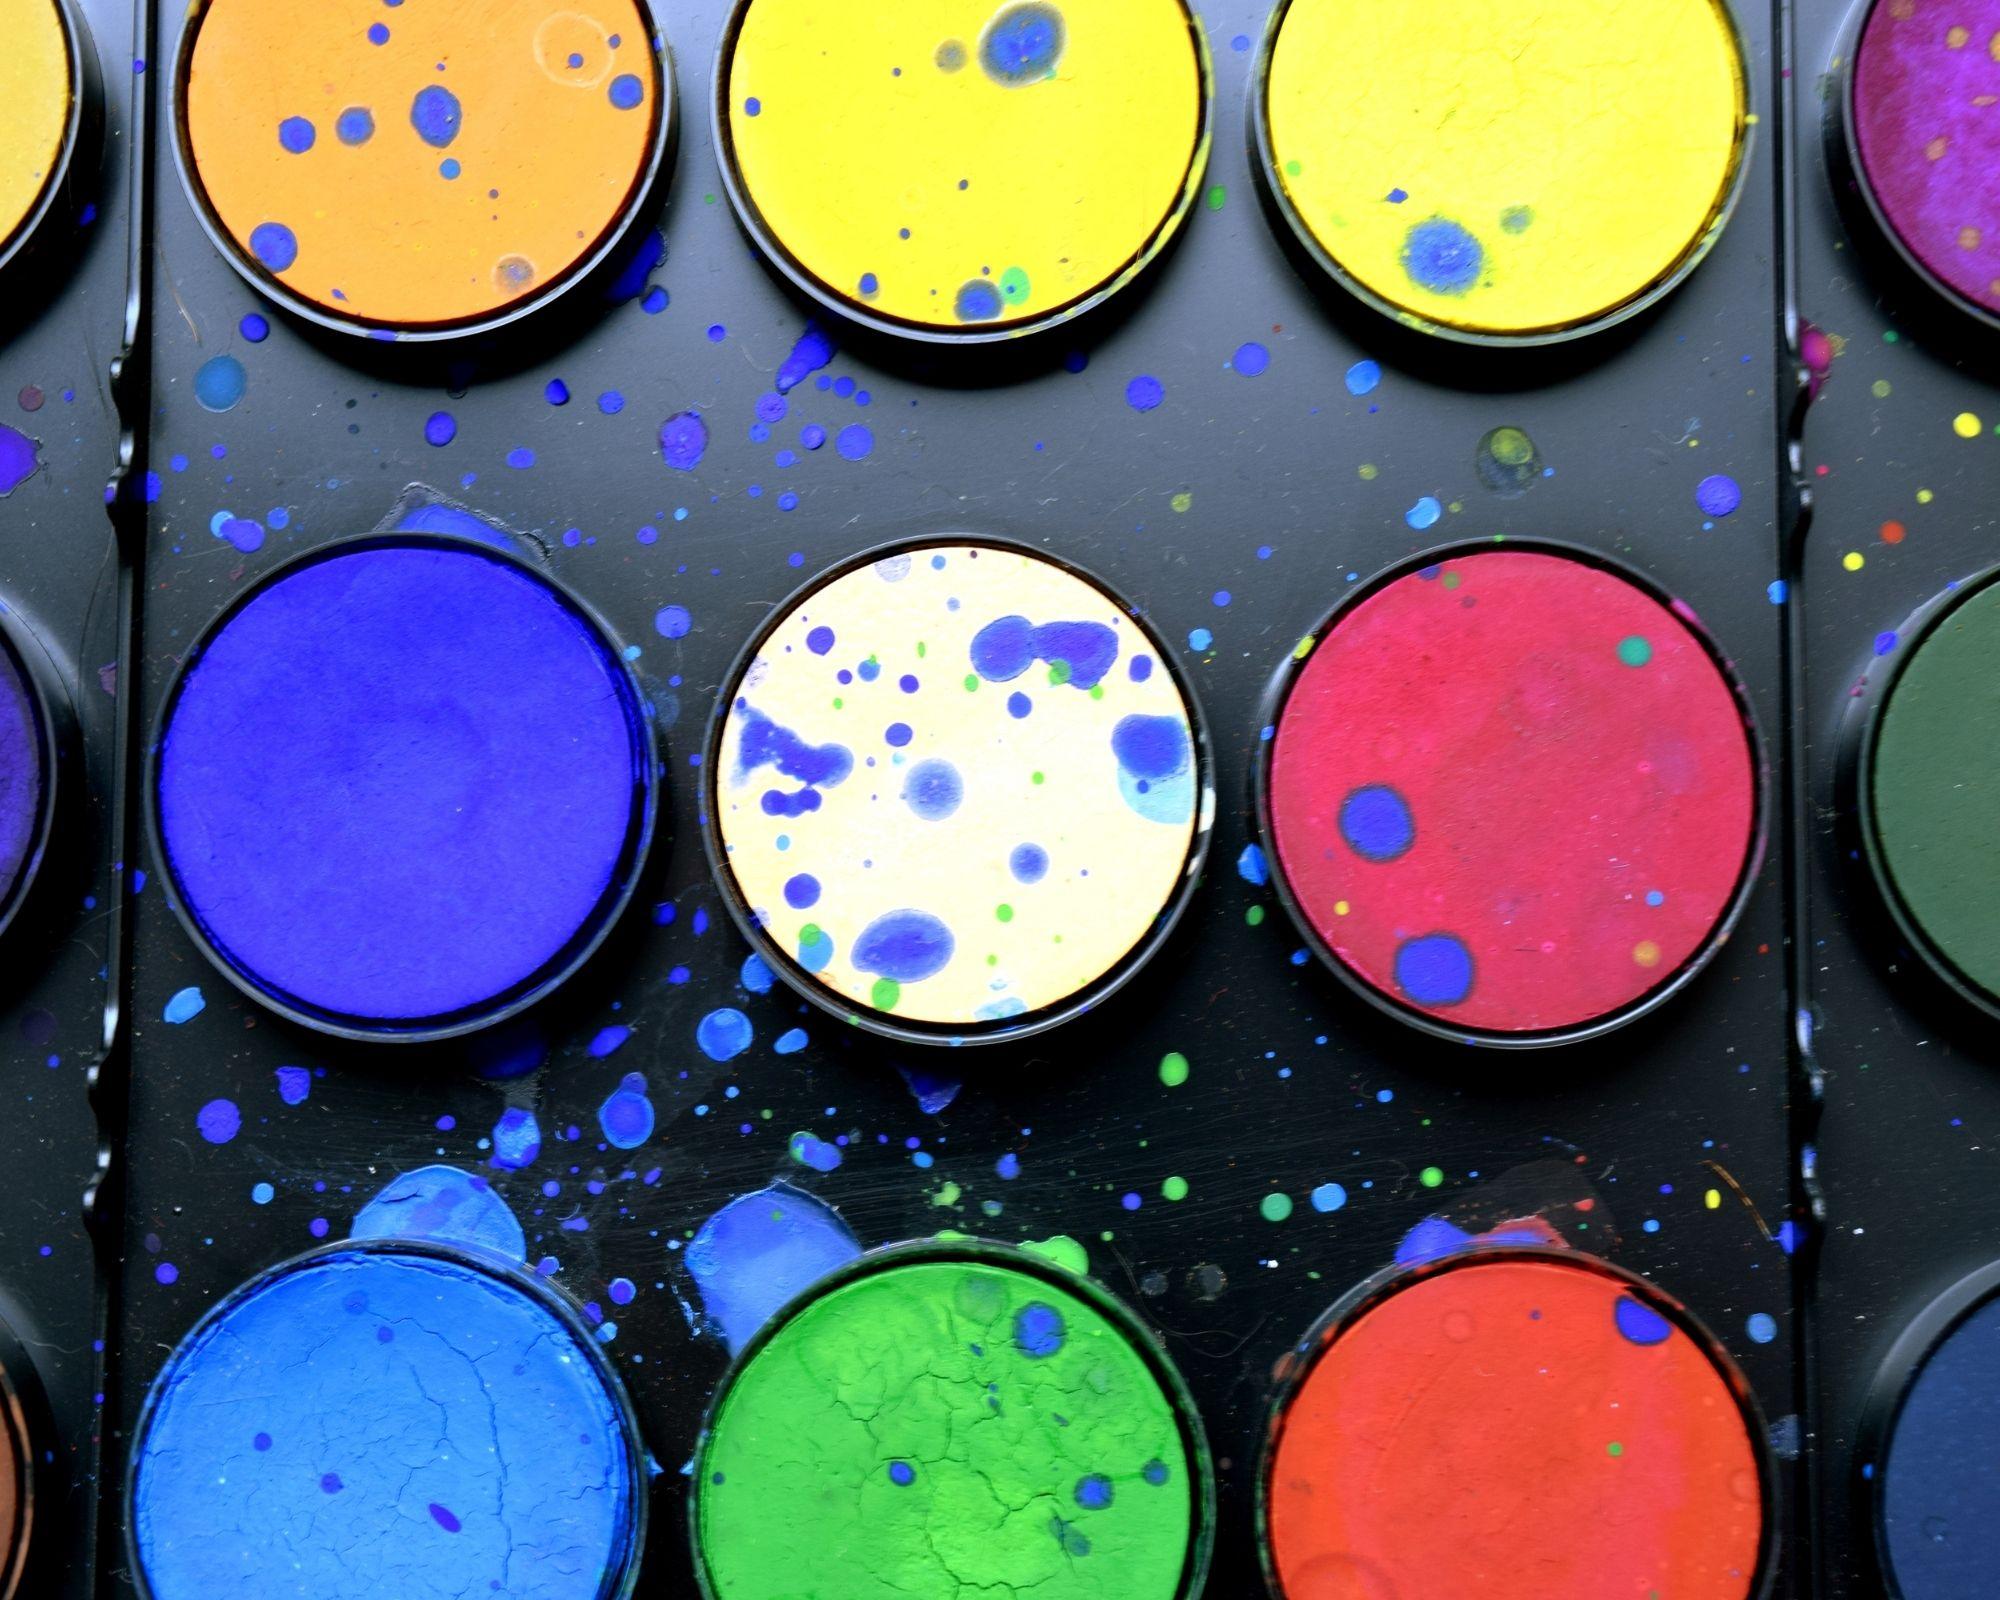 A palettaméret számít, avagy miért vagyunk piacvezetők a számok szerinti festés terén